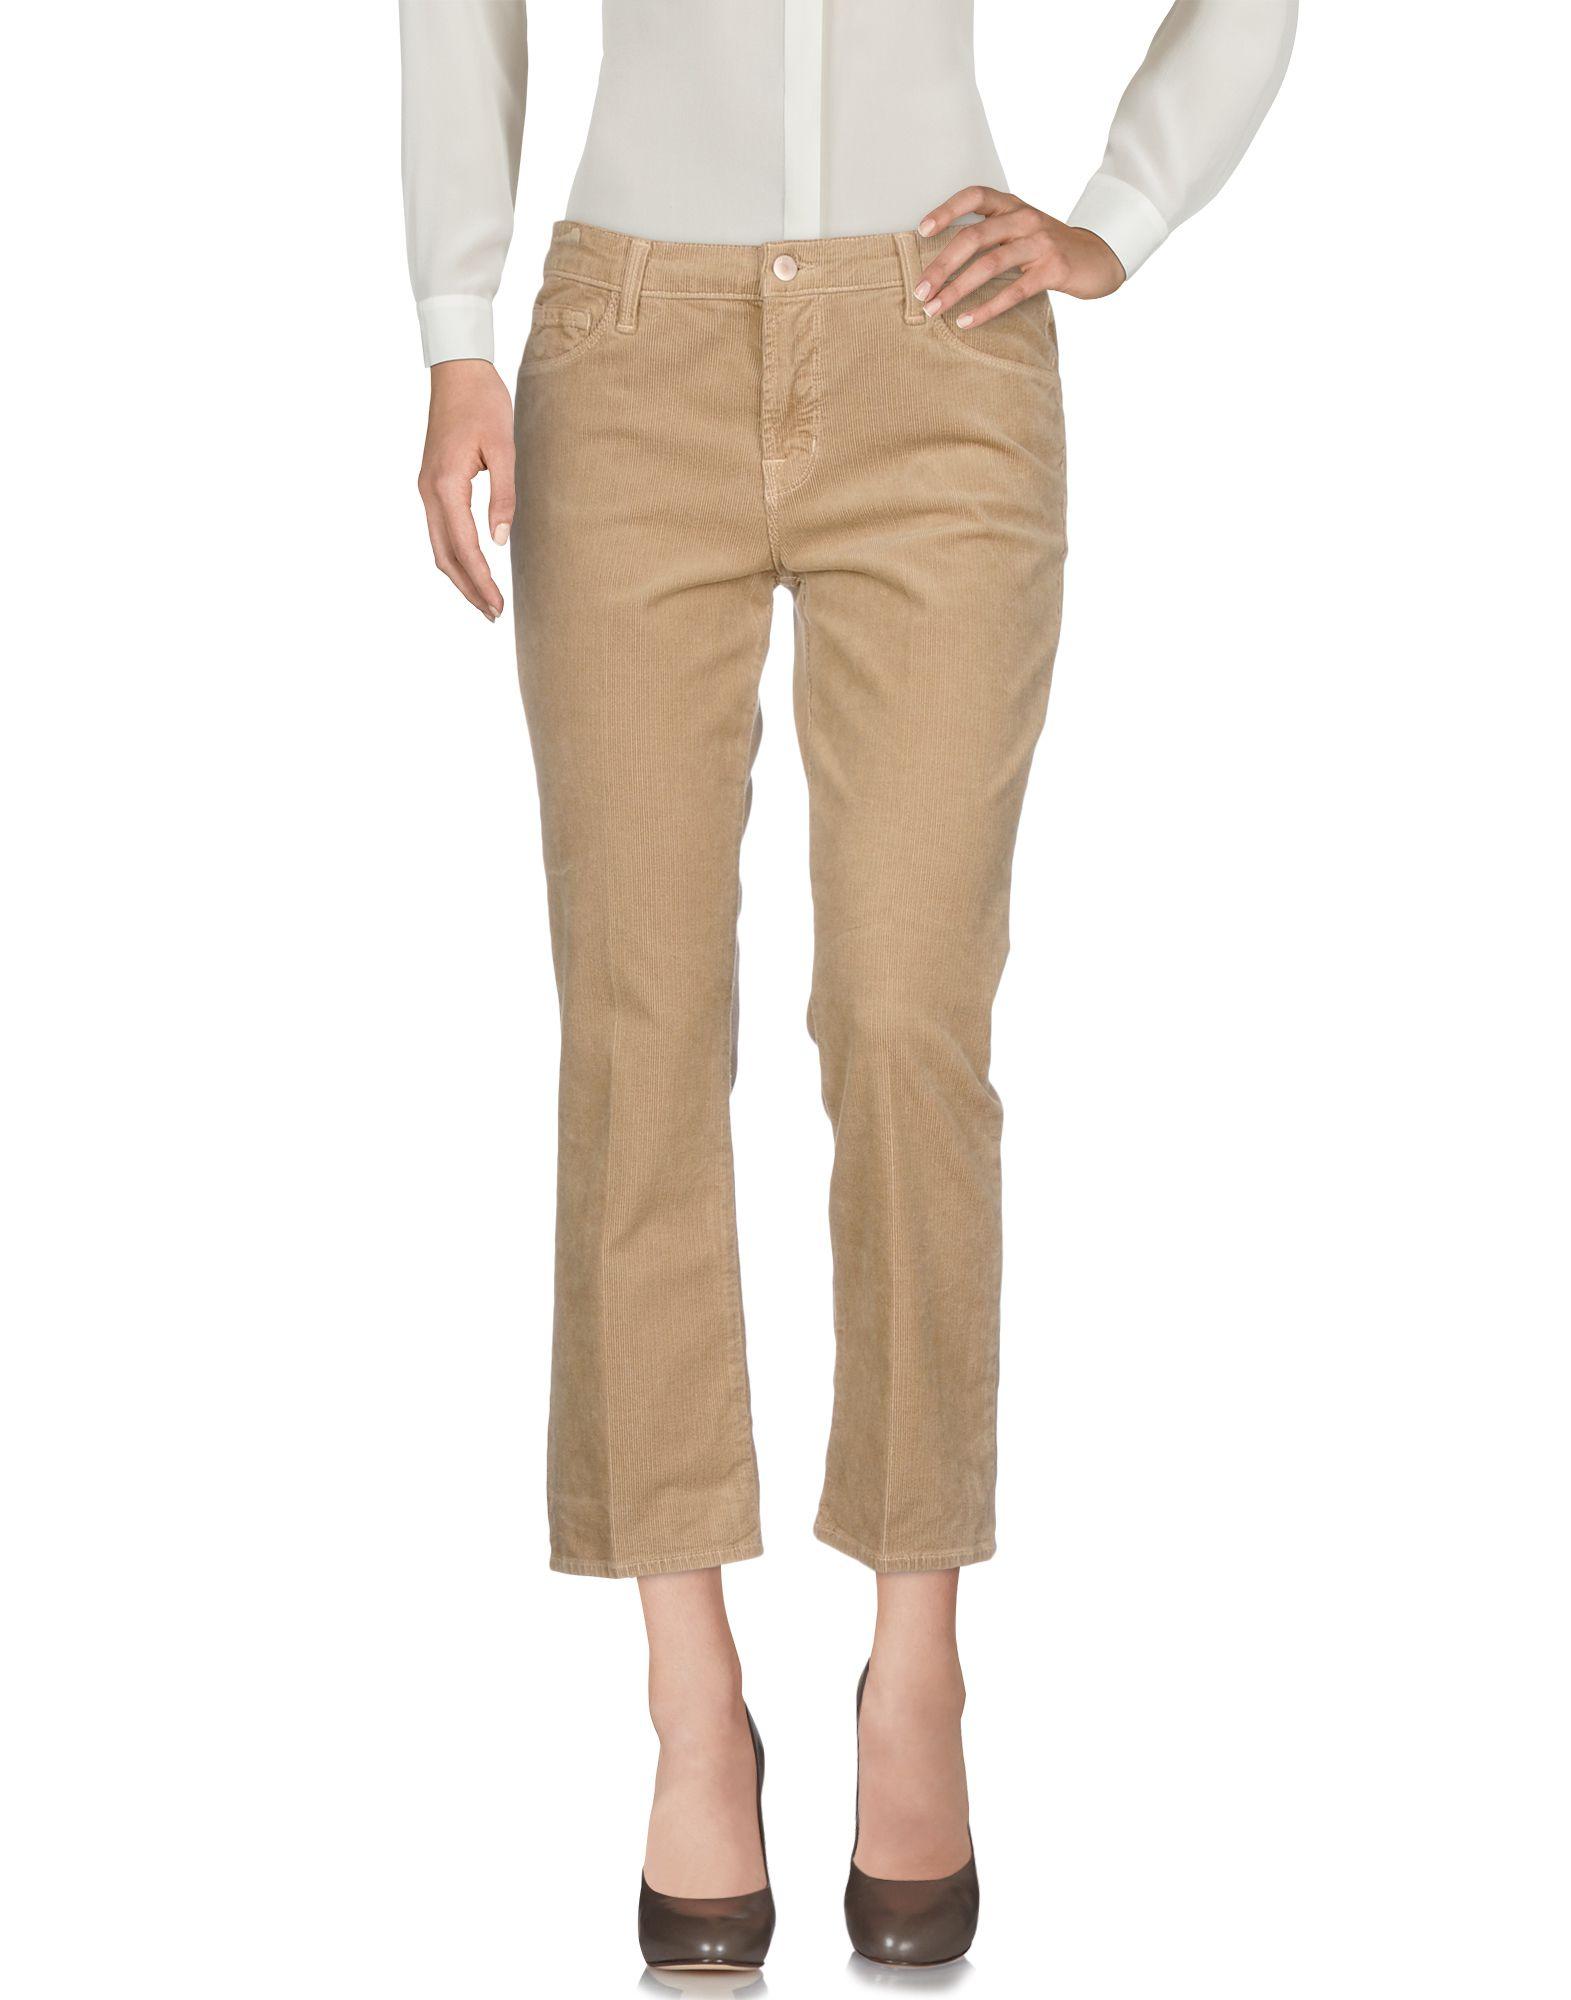 Pantalone J Brand Donna - Acquista online su eBbRO85QqJ